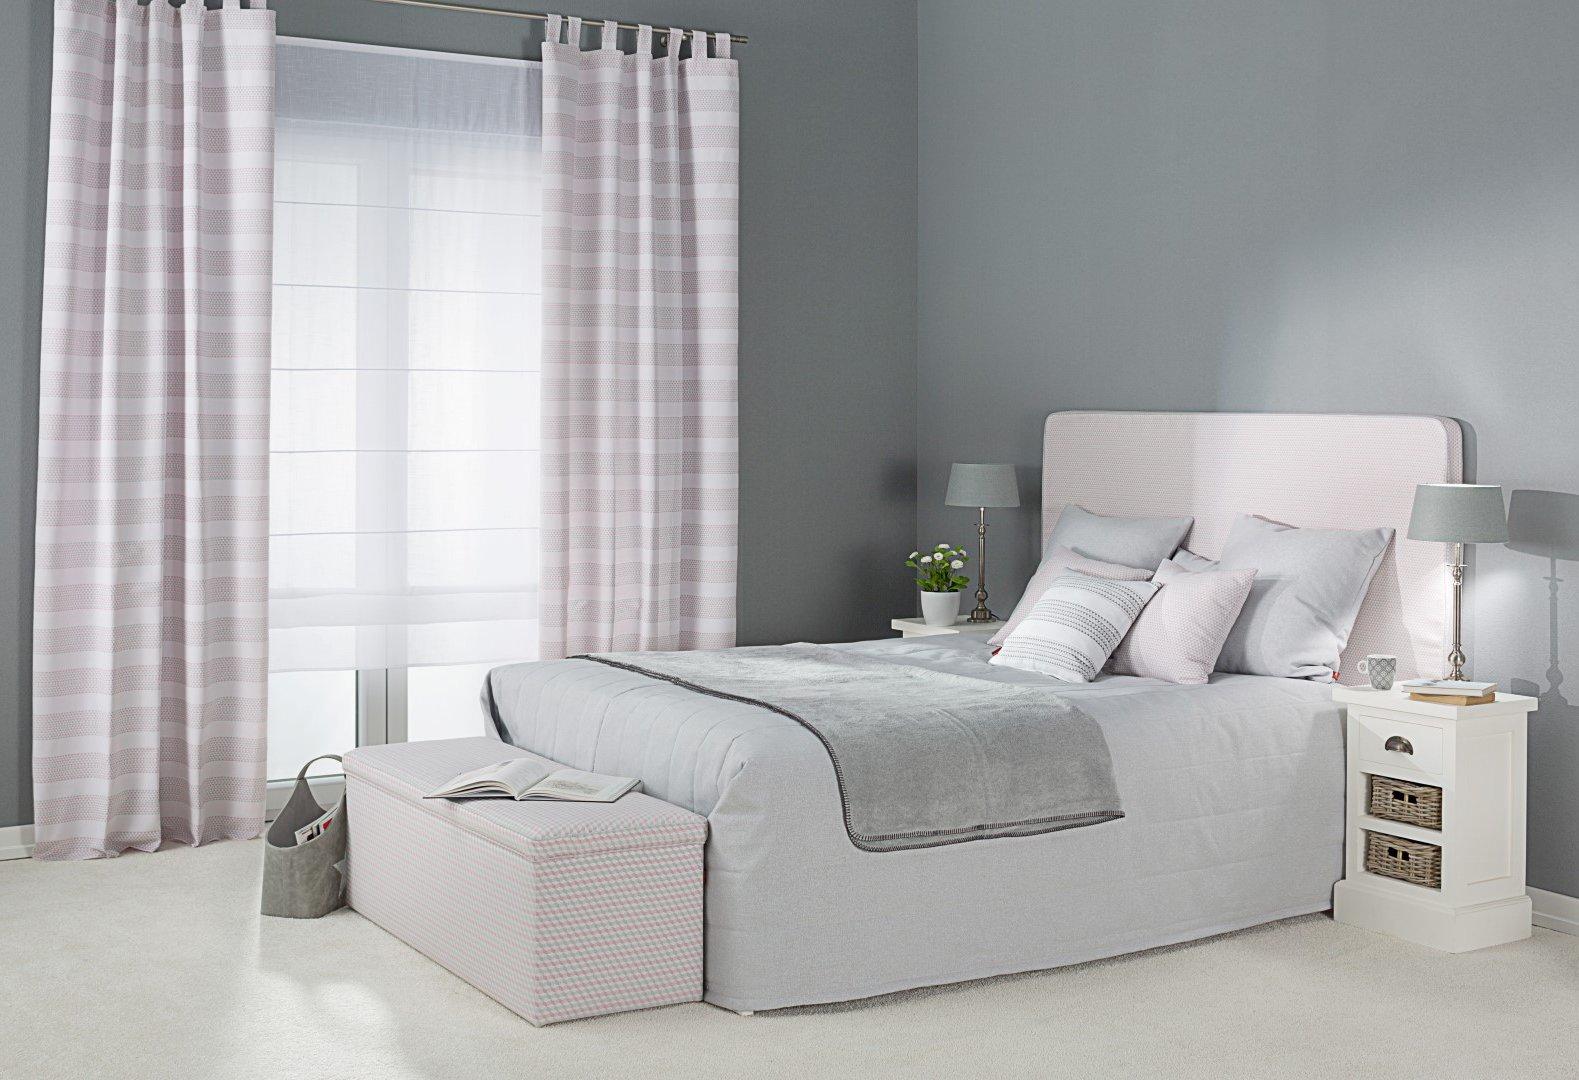 Schlafzimmer in Pastelltönen